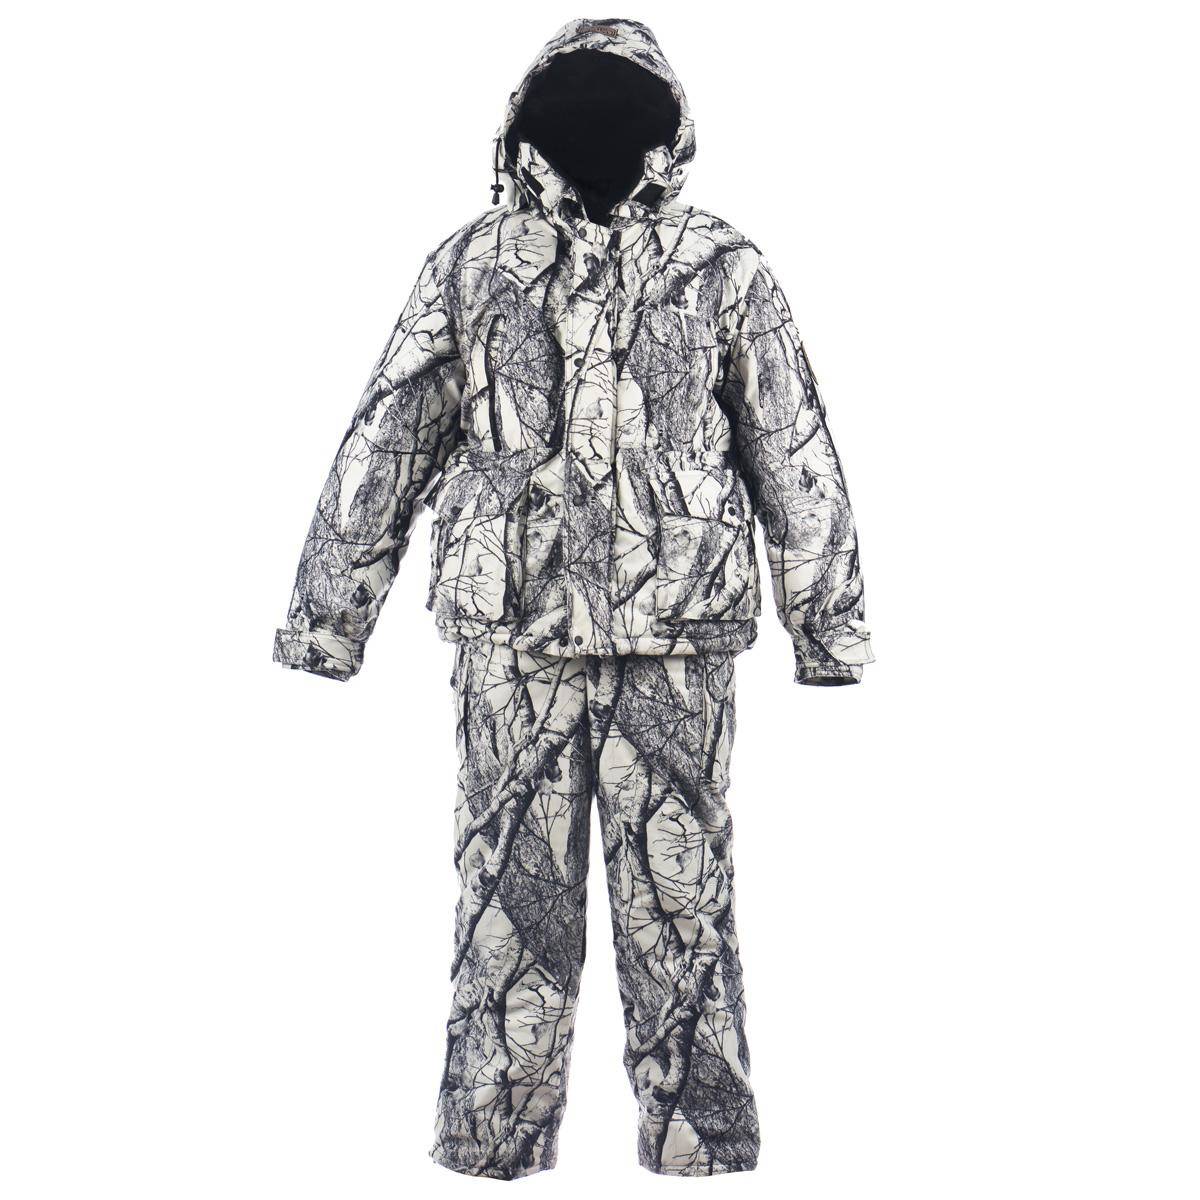 Комплект верхней одеждыБуран-М_мембранаТеплый зимний мужской комплект Huntsman Буран-М, состоящий из куртки и полукомбинезона, предназначен для рыбалки, охоты и активного отдыха на природе. Верхний материал не продувается ветром, не промокает под сильным дождем, не теряет своих свойств при низких температурах (до -30°С) и не шуршит. Верхний материал: смесовая ткань, Oxford, Alova. Подкладка - Taffeta 190T, Polar Fleece, искусственный мутон. Ткань Alova с мембранным покрытием (100% полиэстер) препятствует проникновению ветра, отталкивает жидкость от поверхности, замедляет потери тепла, пропускает испарения тела. Смесовая ткань - обладает водоотталкивающими свойствами, дышит и не шуршит. Изготовленные по уникальной технологии, смесовые ткани соединяют в себе отличные эксплуатационные и физико-химические свойства натуральных и синтетических волокон. В качестве утеплителя используется Radotex (Радотекс) (куртка - 450 г/м2, полукомбинезон - 300 г/м2), состоящий из полого высокоизвитого...